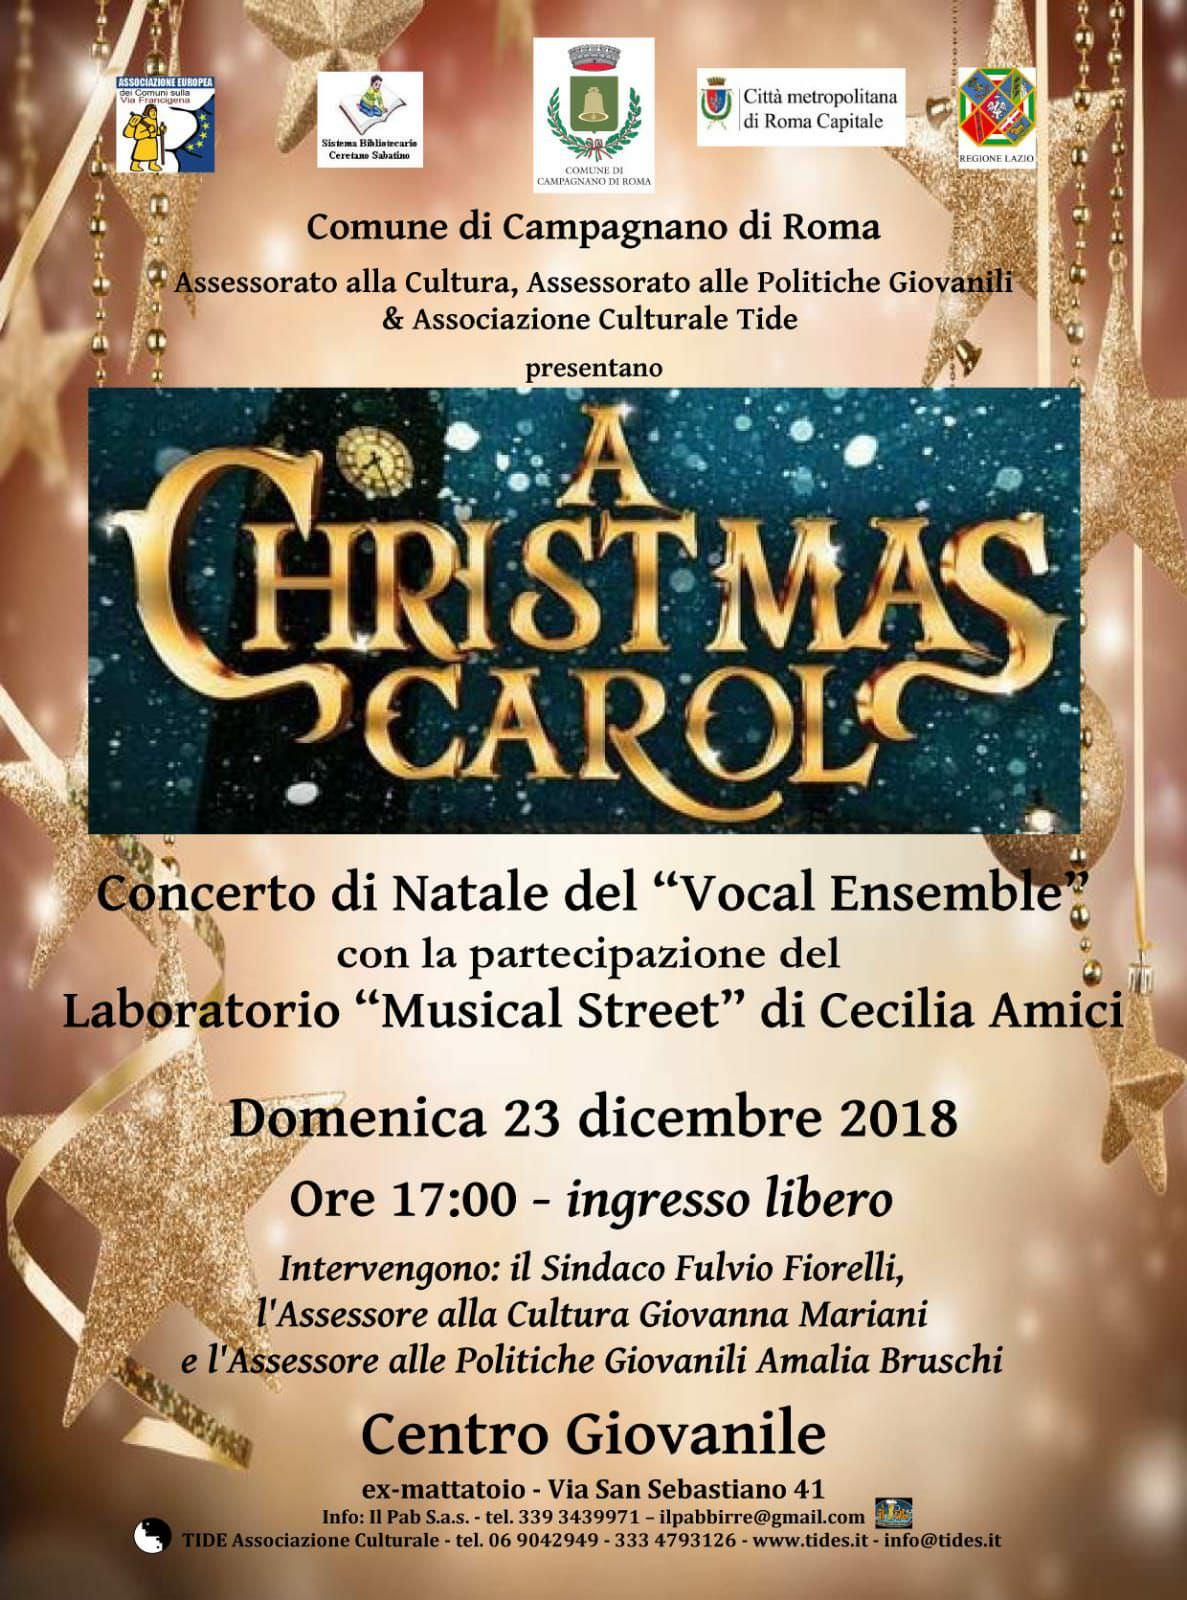 Locandina del Concerto di Natale del Vocal Ensemble di Cecilia Amici